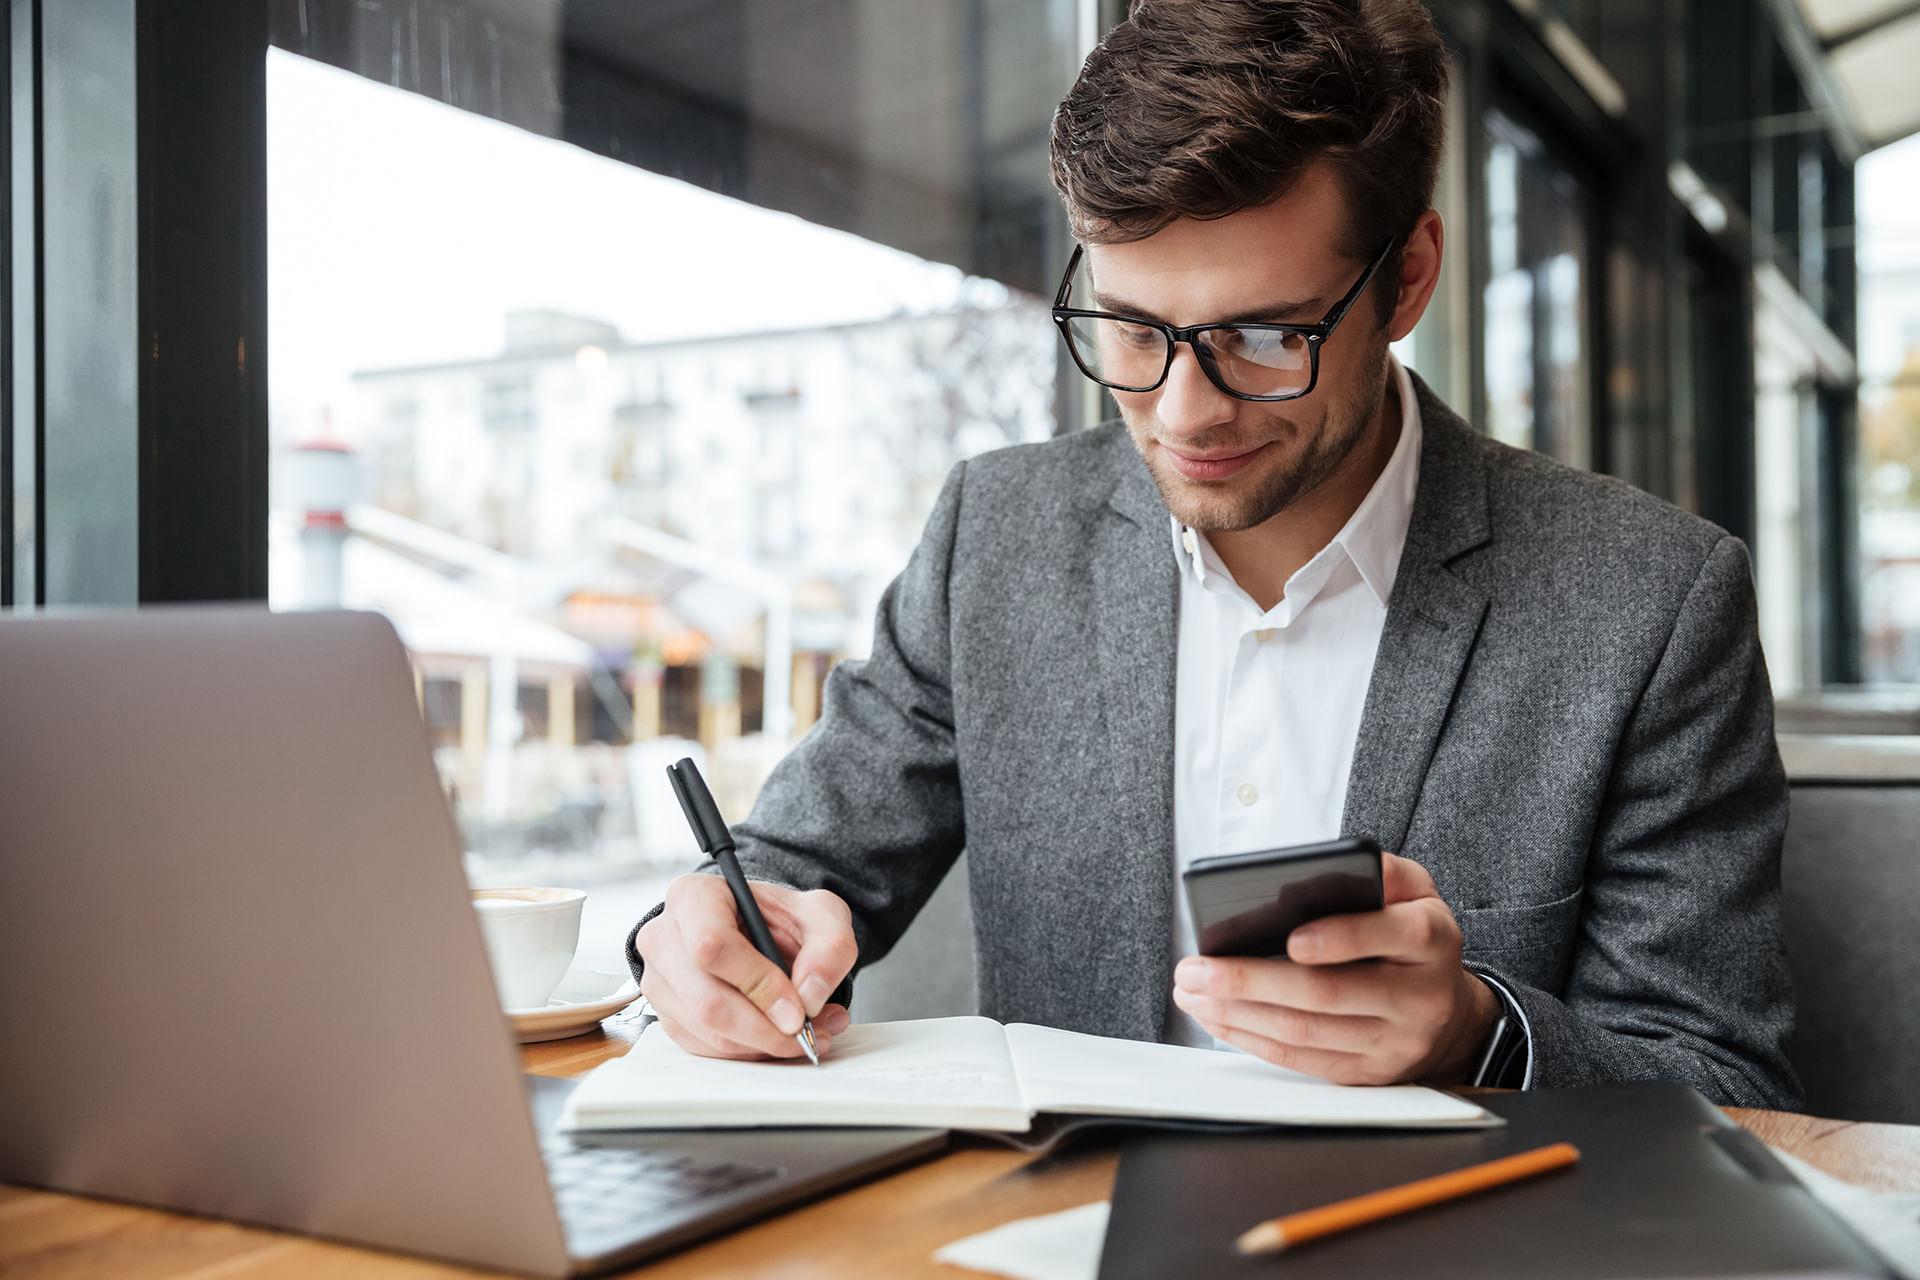 empresas-digitais-e-profissional-do-seculo